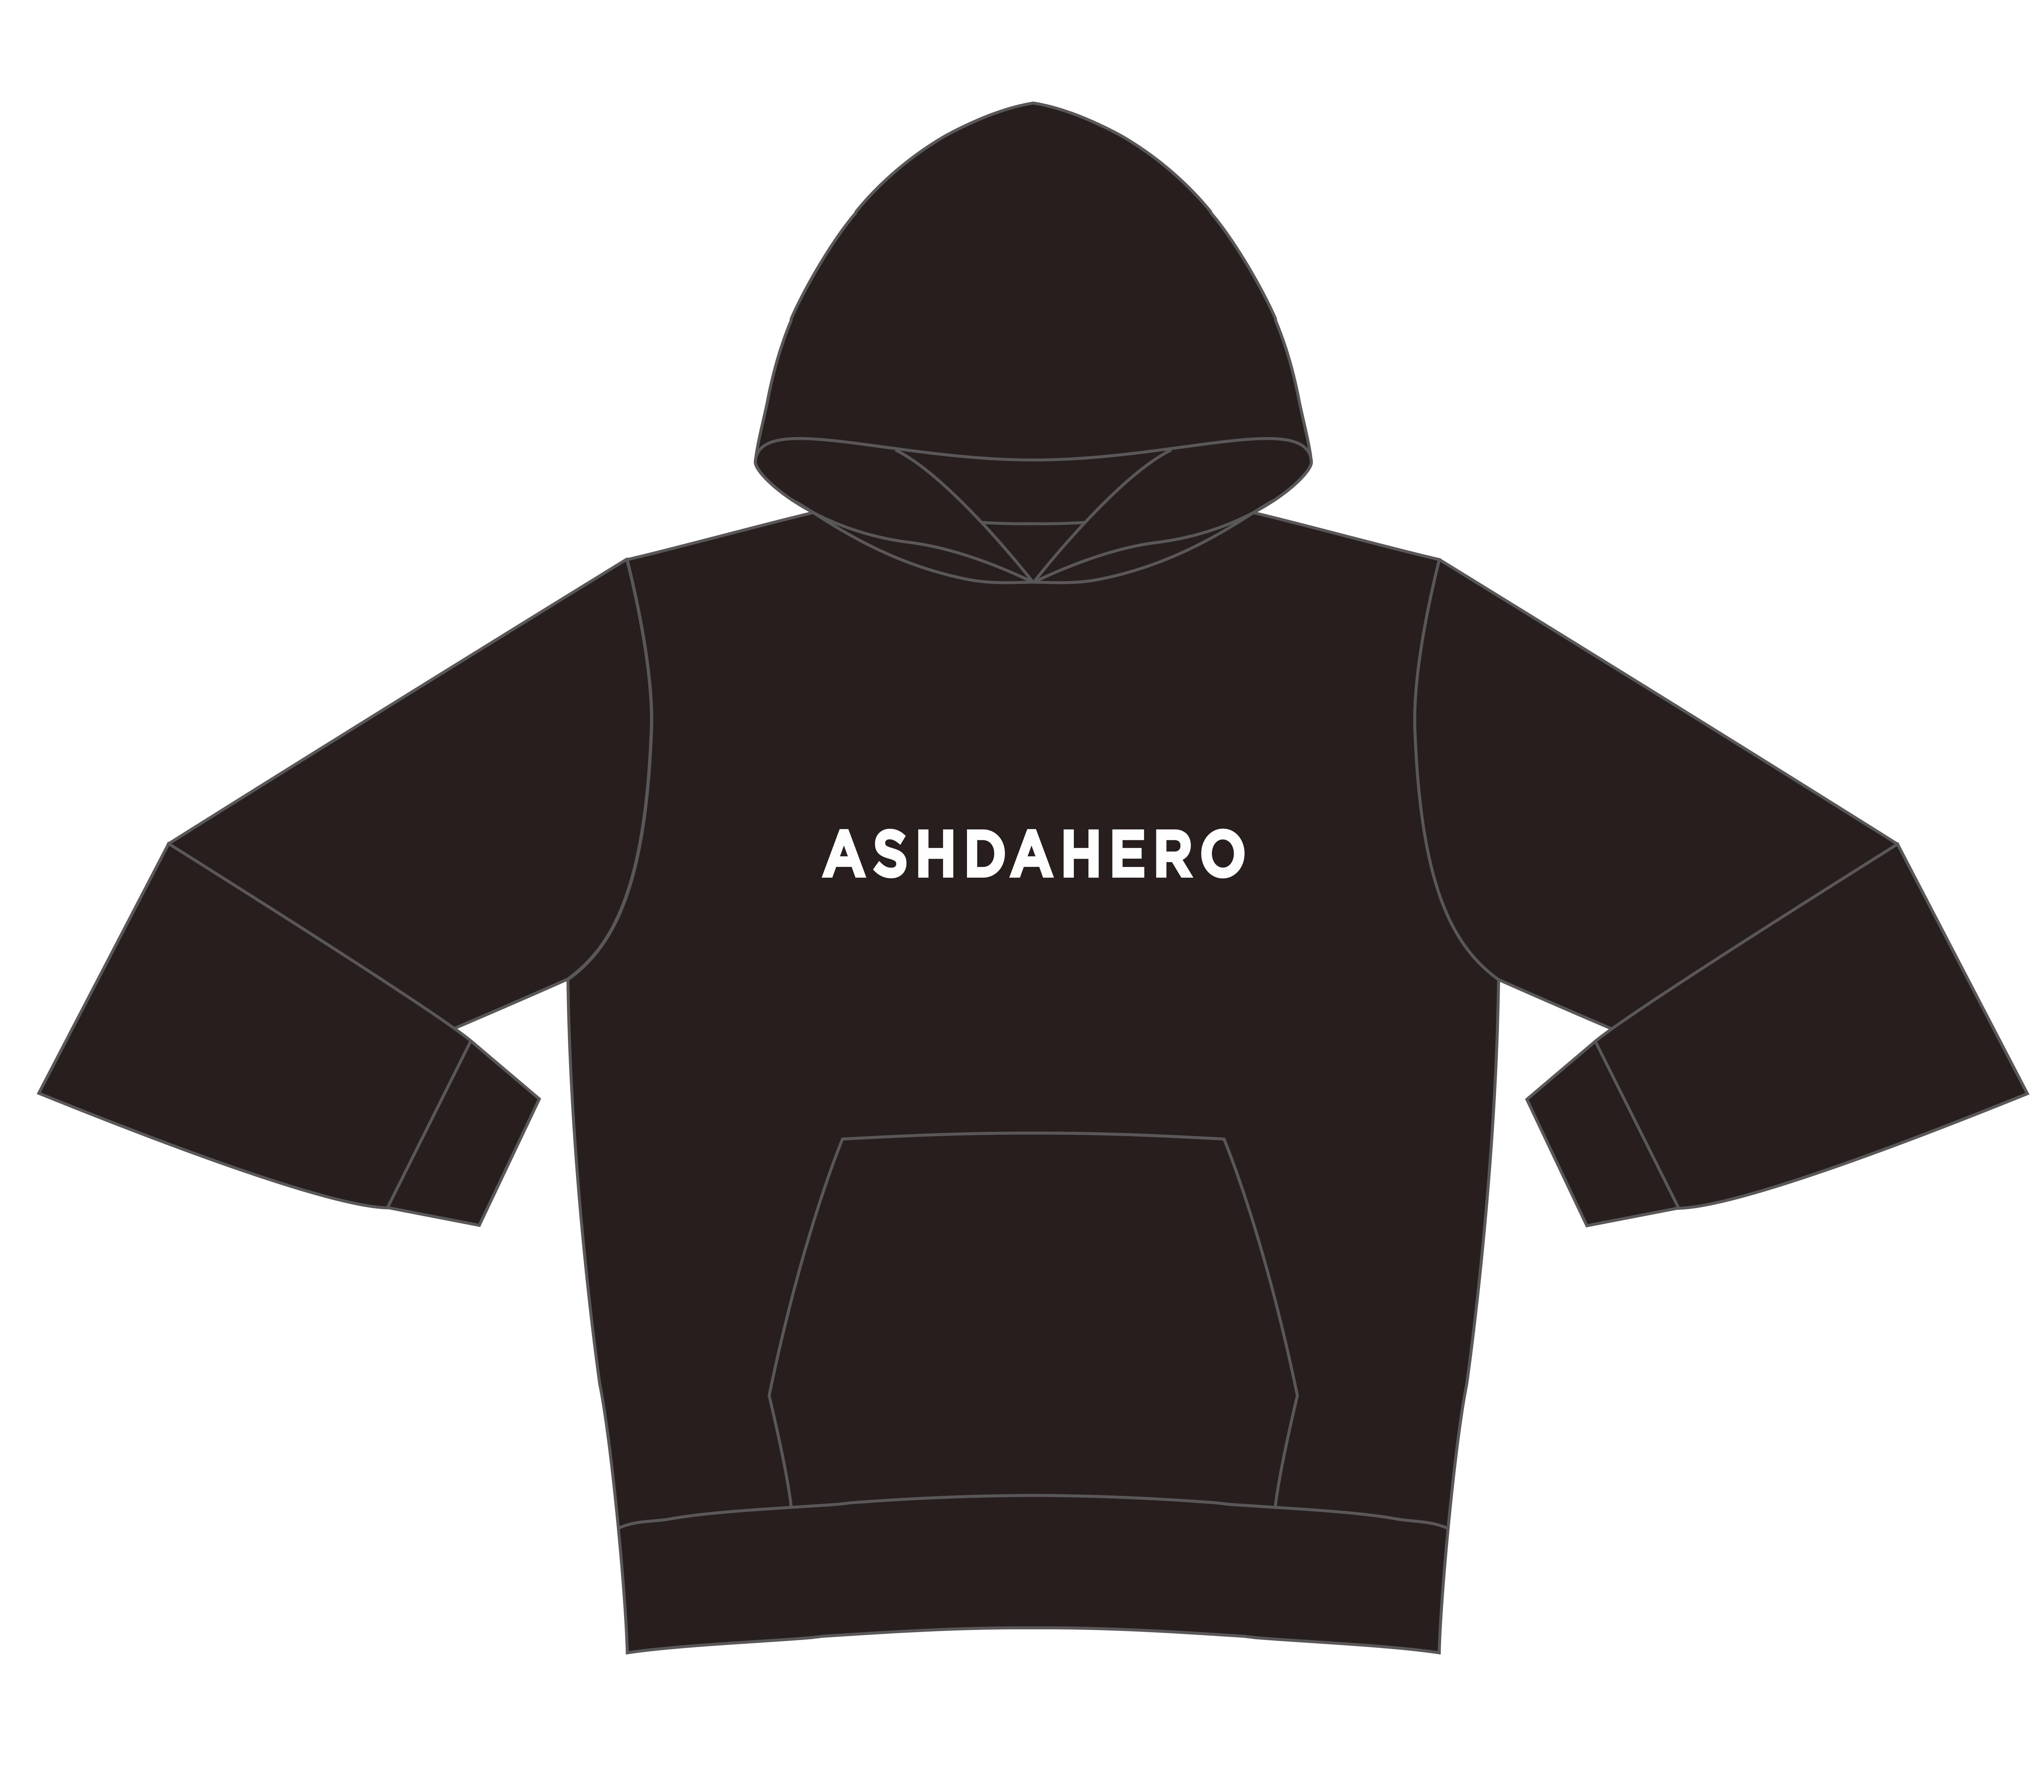 Ashdahero_egata_fix_20201